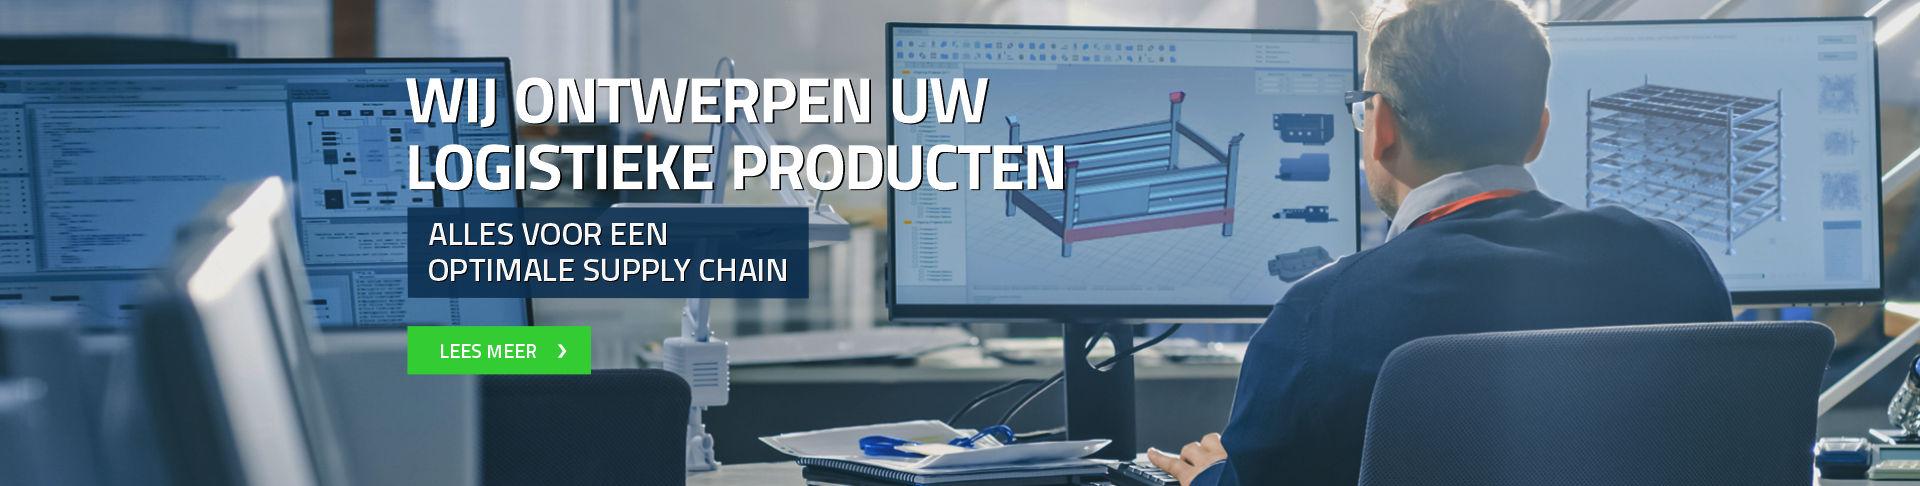 Wij ontwerpen uw logistieke producten alles voor een optimale supply chain